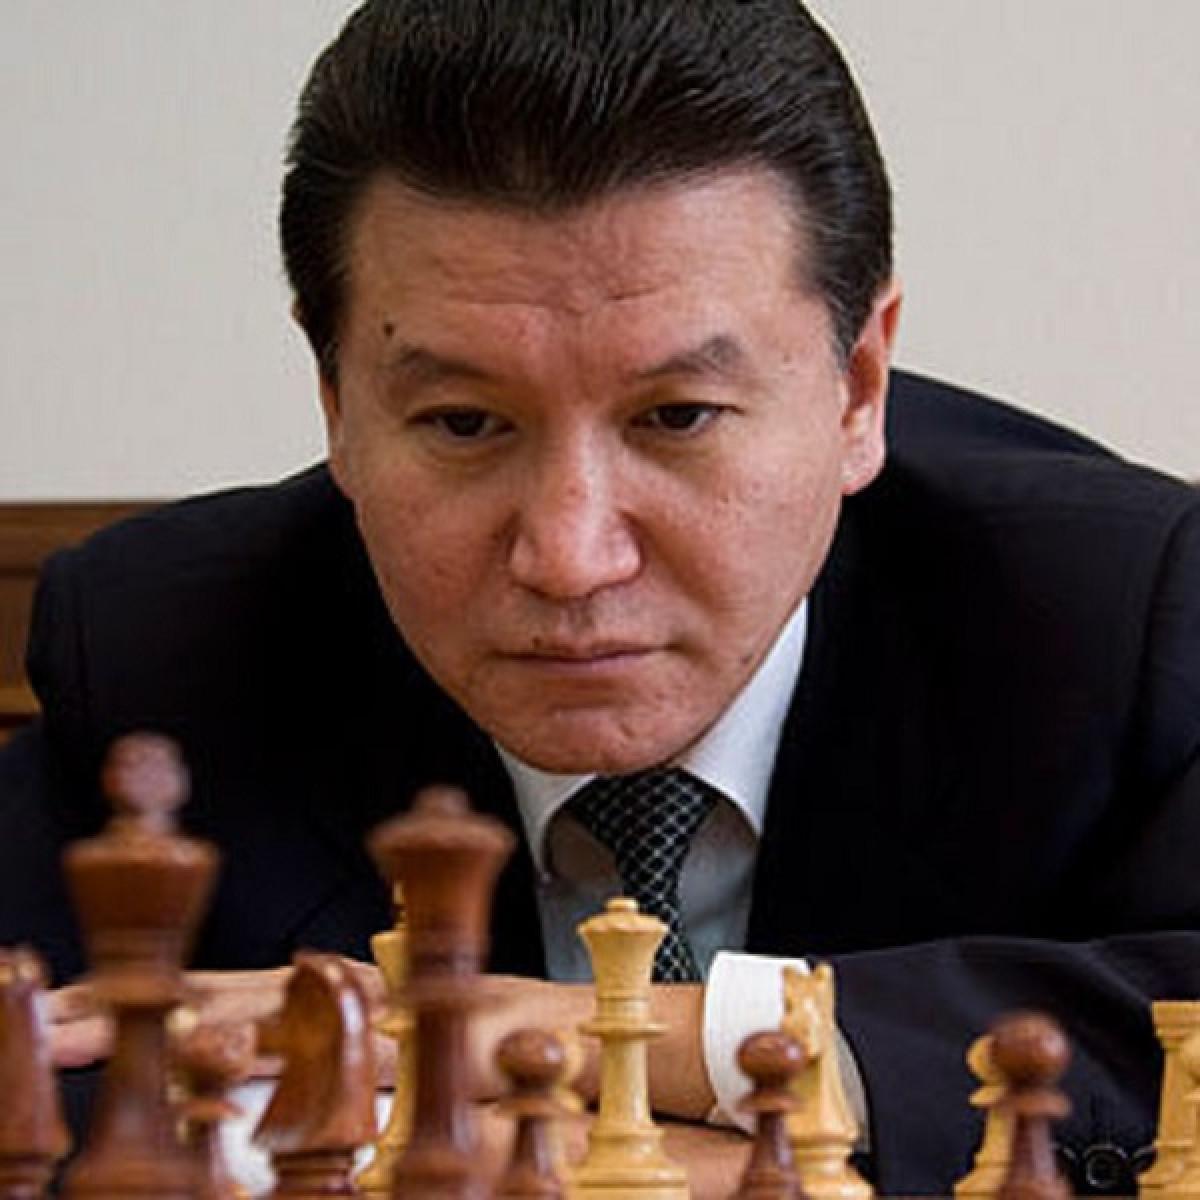 Илюмжинов принял решение  выдвинуть свою кандидатуру напост руководителя  ФИДЕ в следующем году